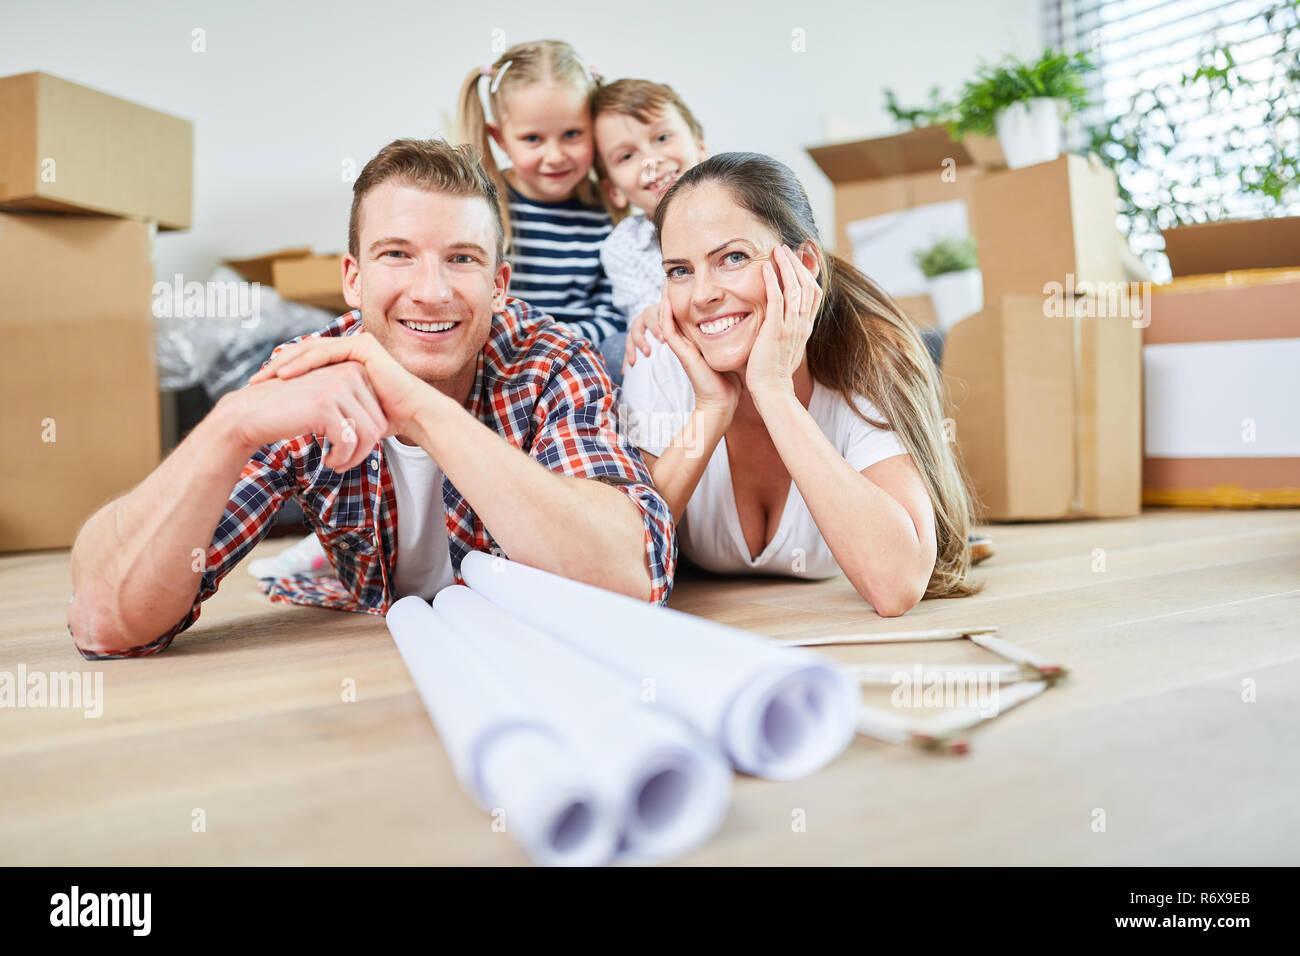 Glückliche Familie und Kinder nach dem Umzug in der neuen Wohnung oder Eigenheim Stockbild